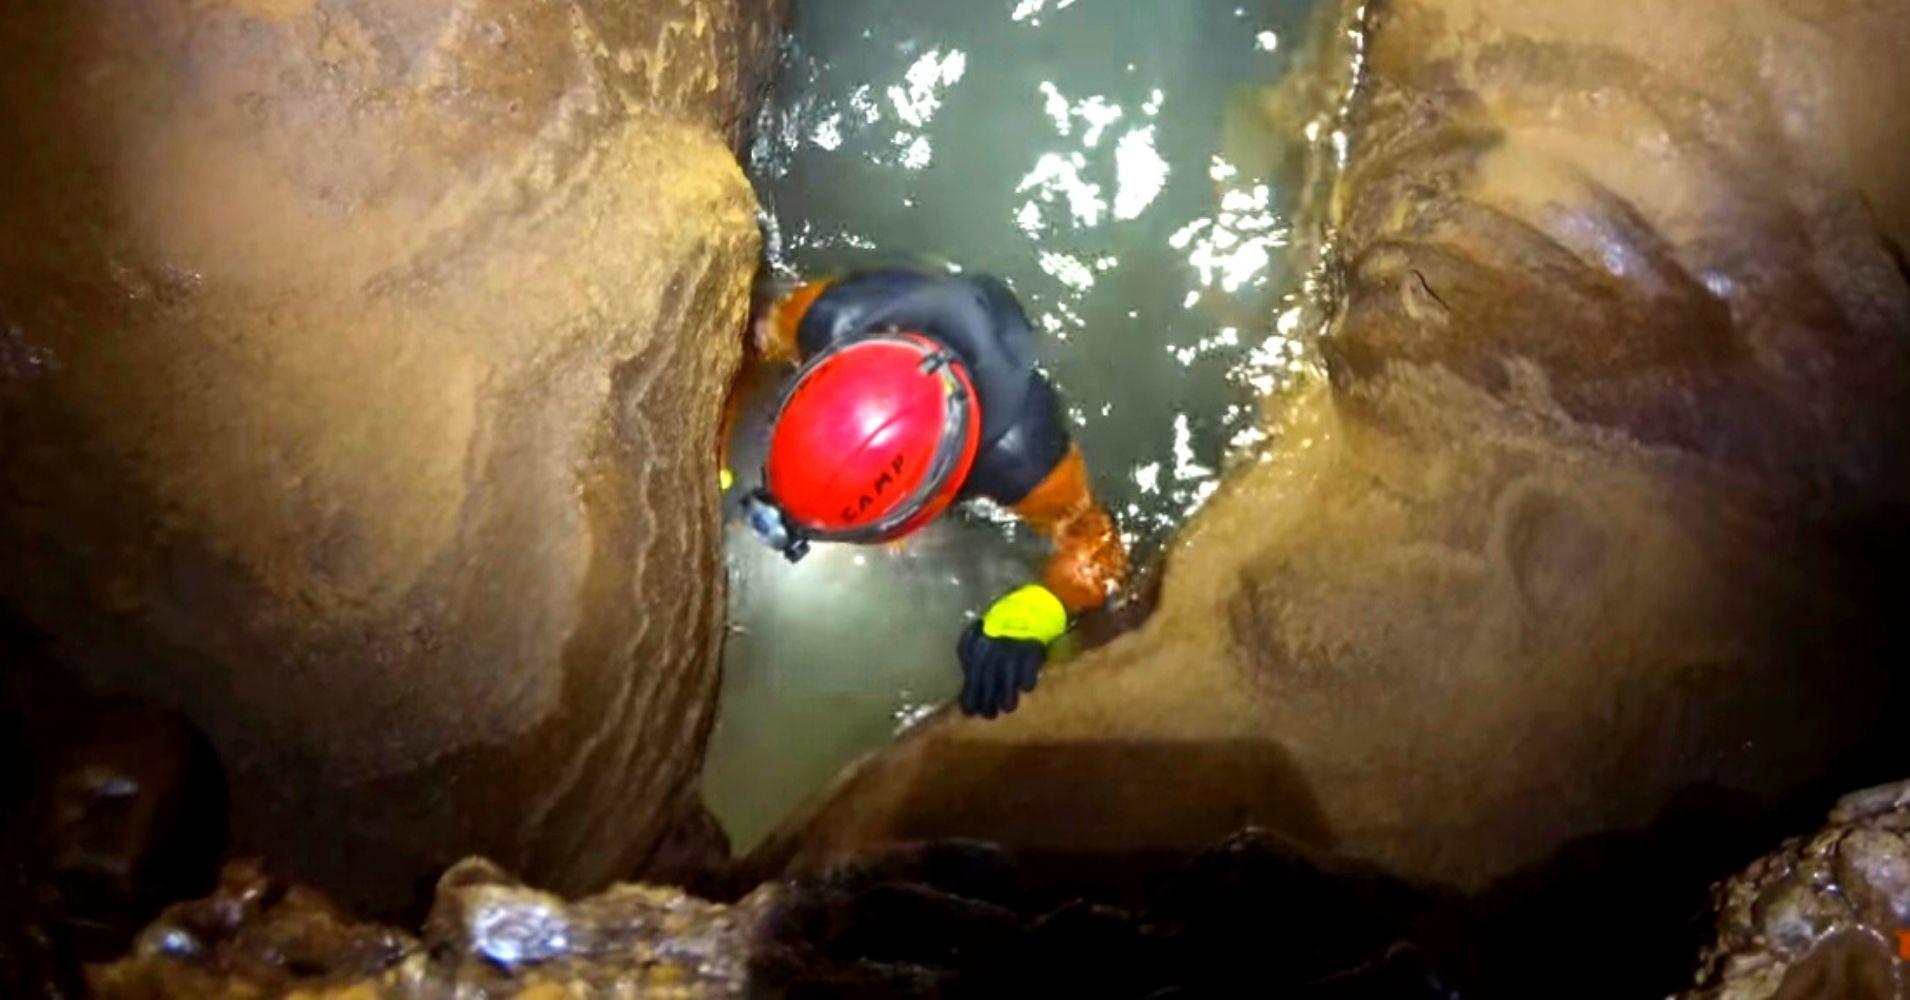 Sifón en Espeleobarranquismo Cueva de Valporquero. Vegacervera, León. Castilla y León.